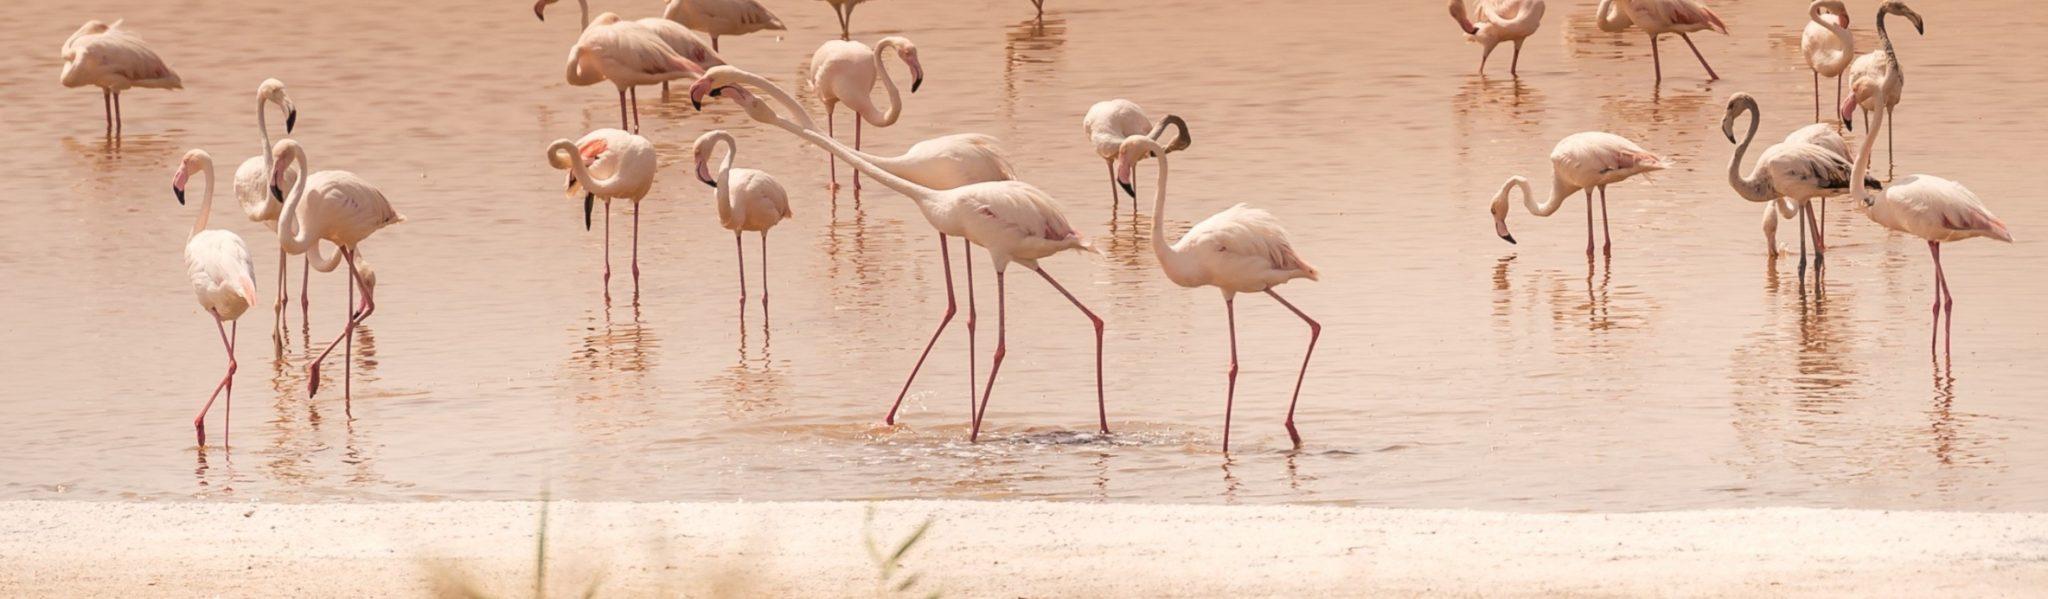 al wathba wetland reserves in the uae